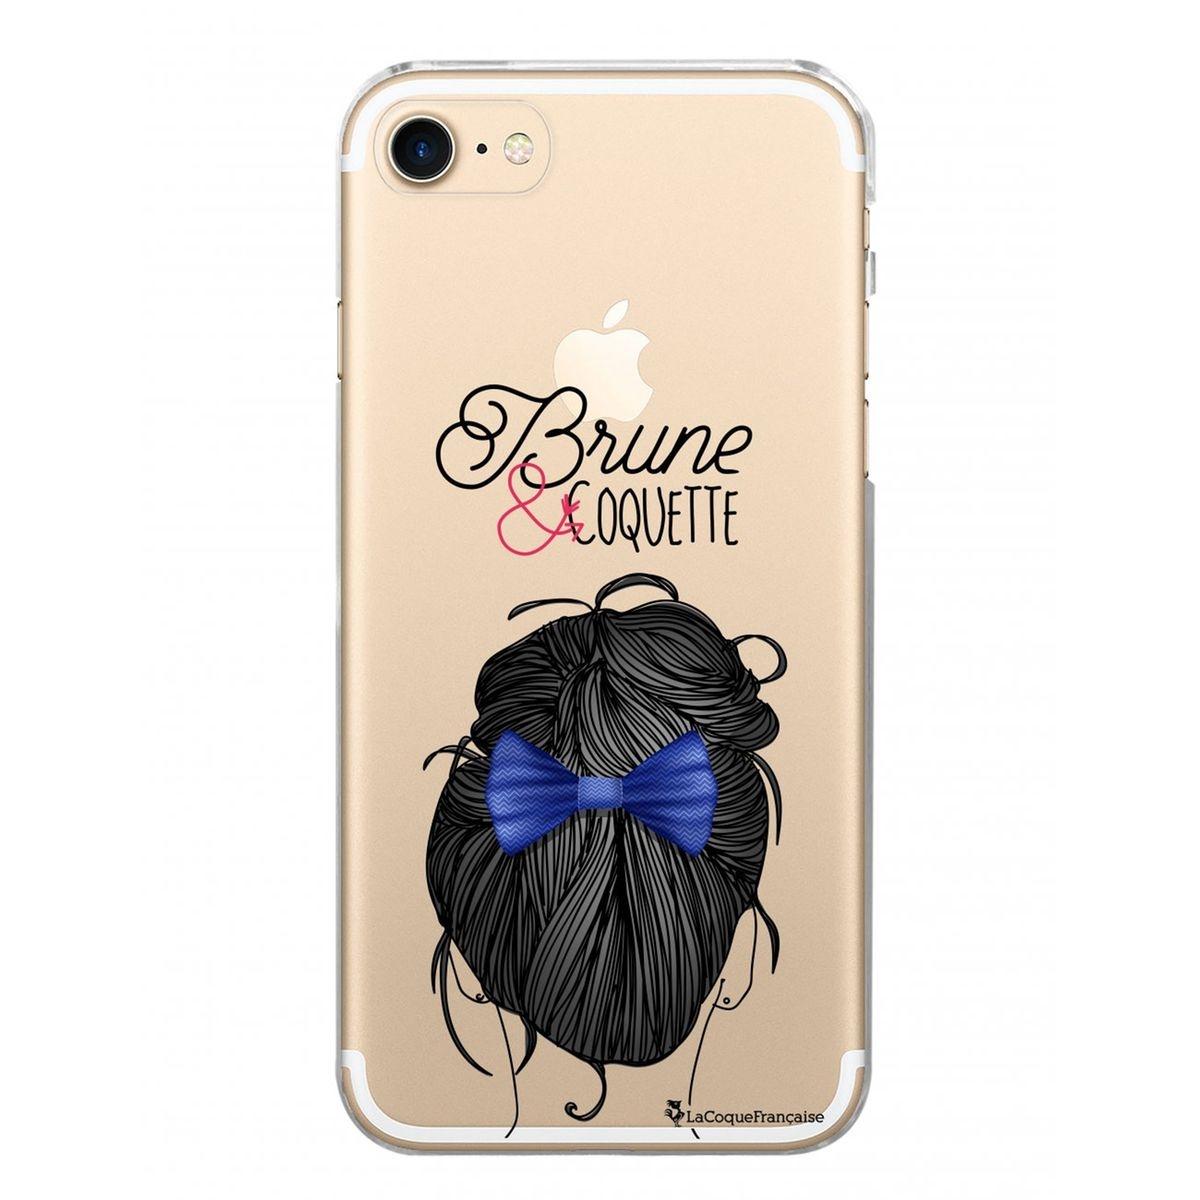 Coque iPhone 7 iPhone 8 rigide transparente, Brune et coquette, La Coque Francaise®